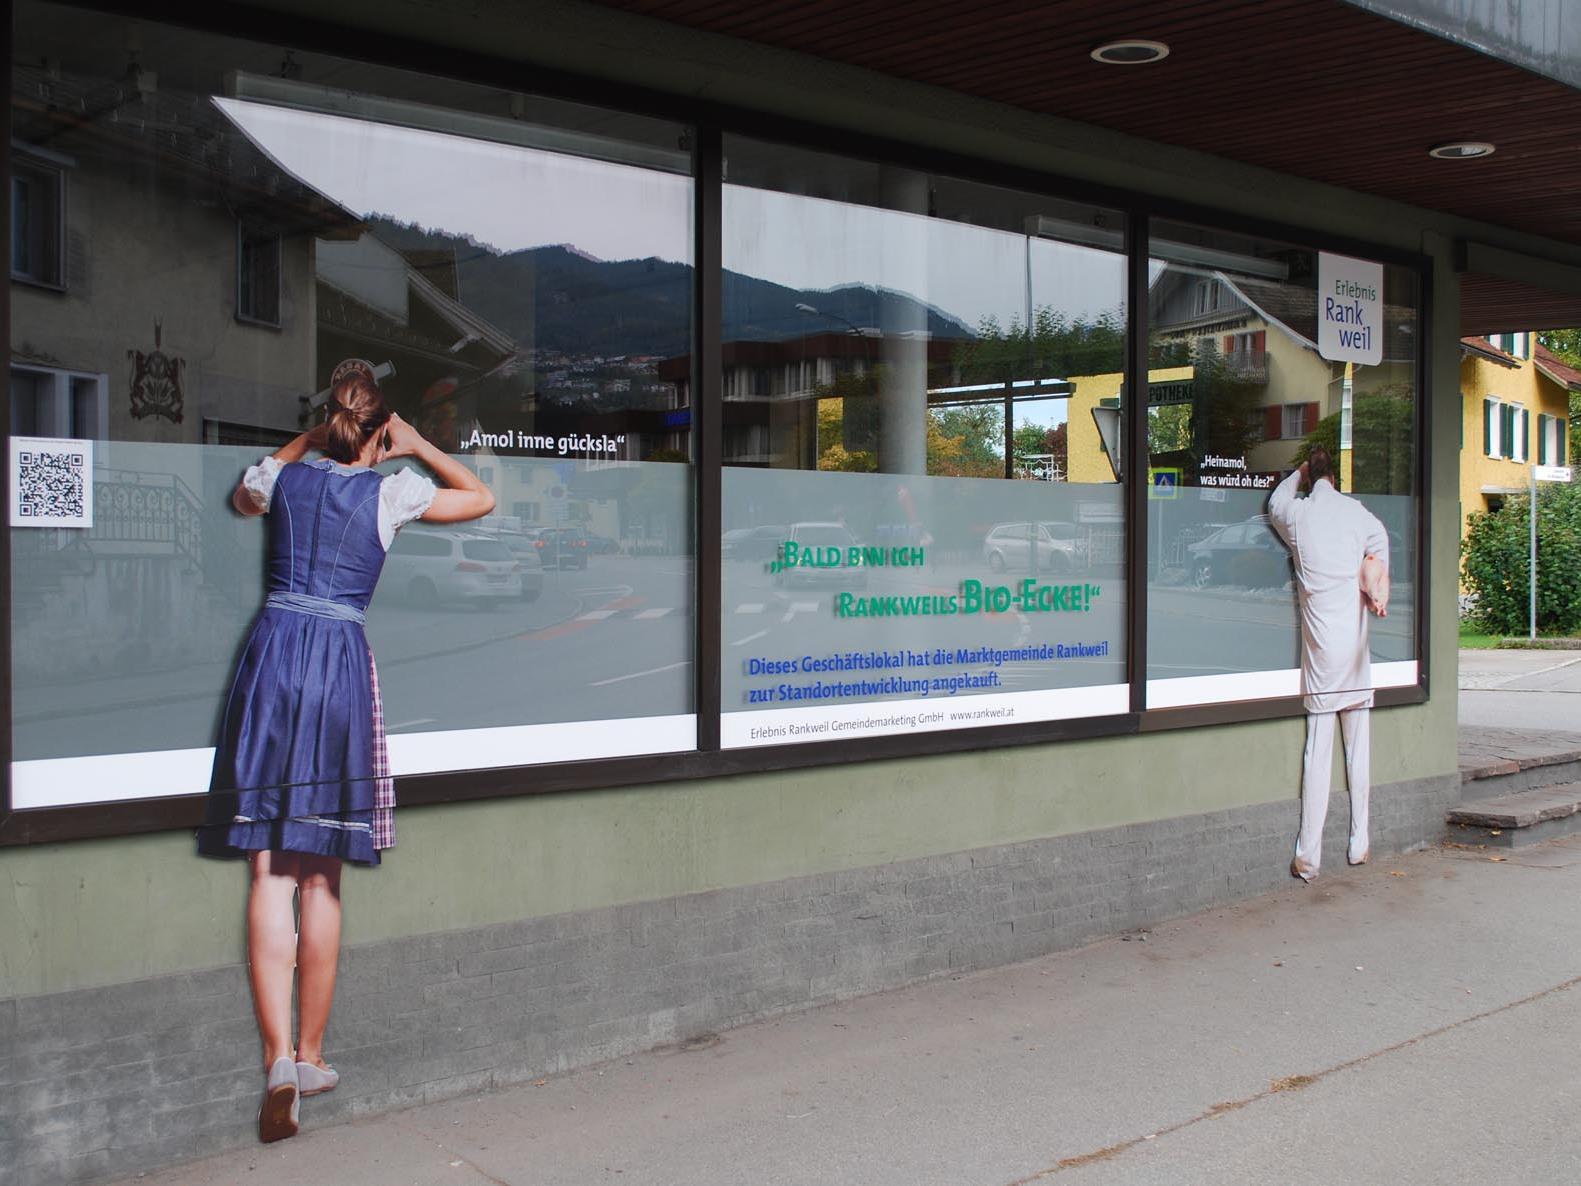 Die beklebten Schaufenster machen neugierig auf die Eröffnung